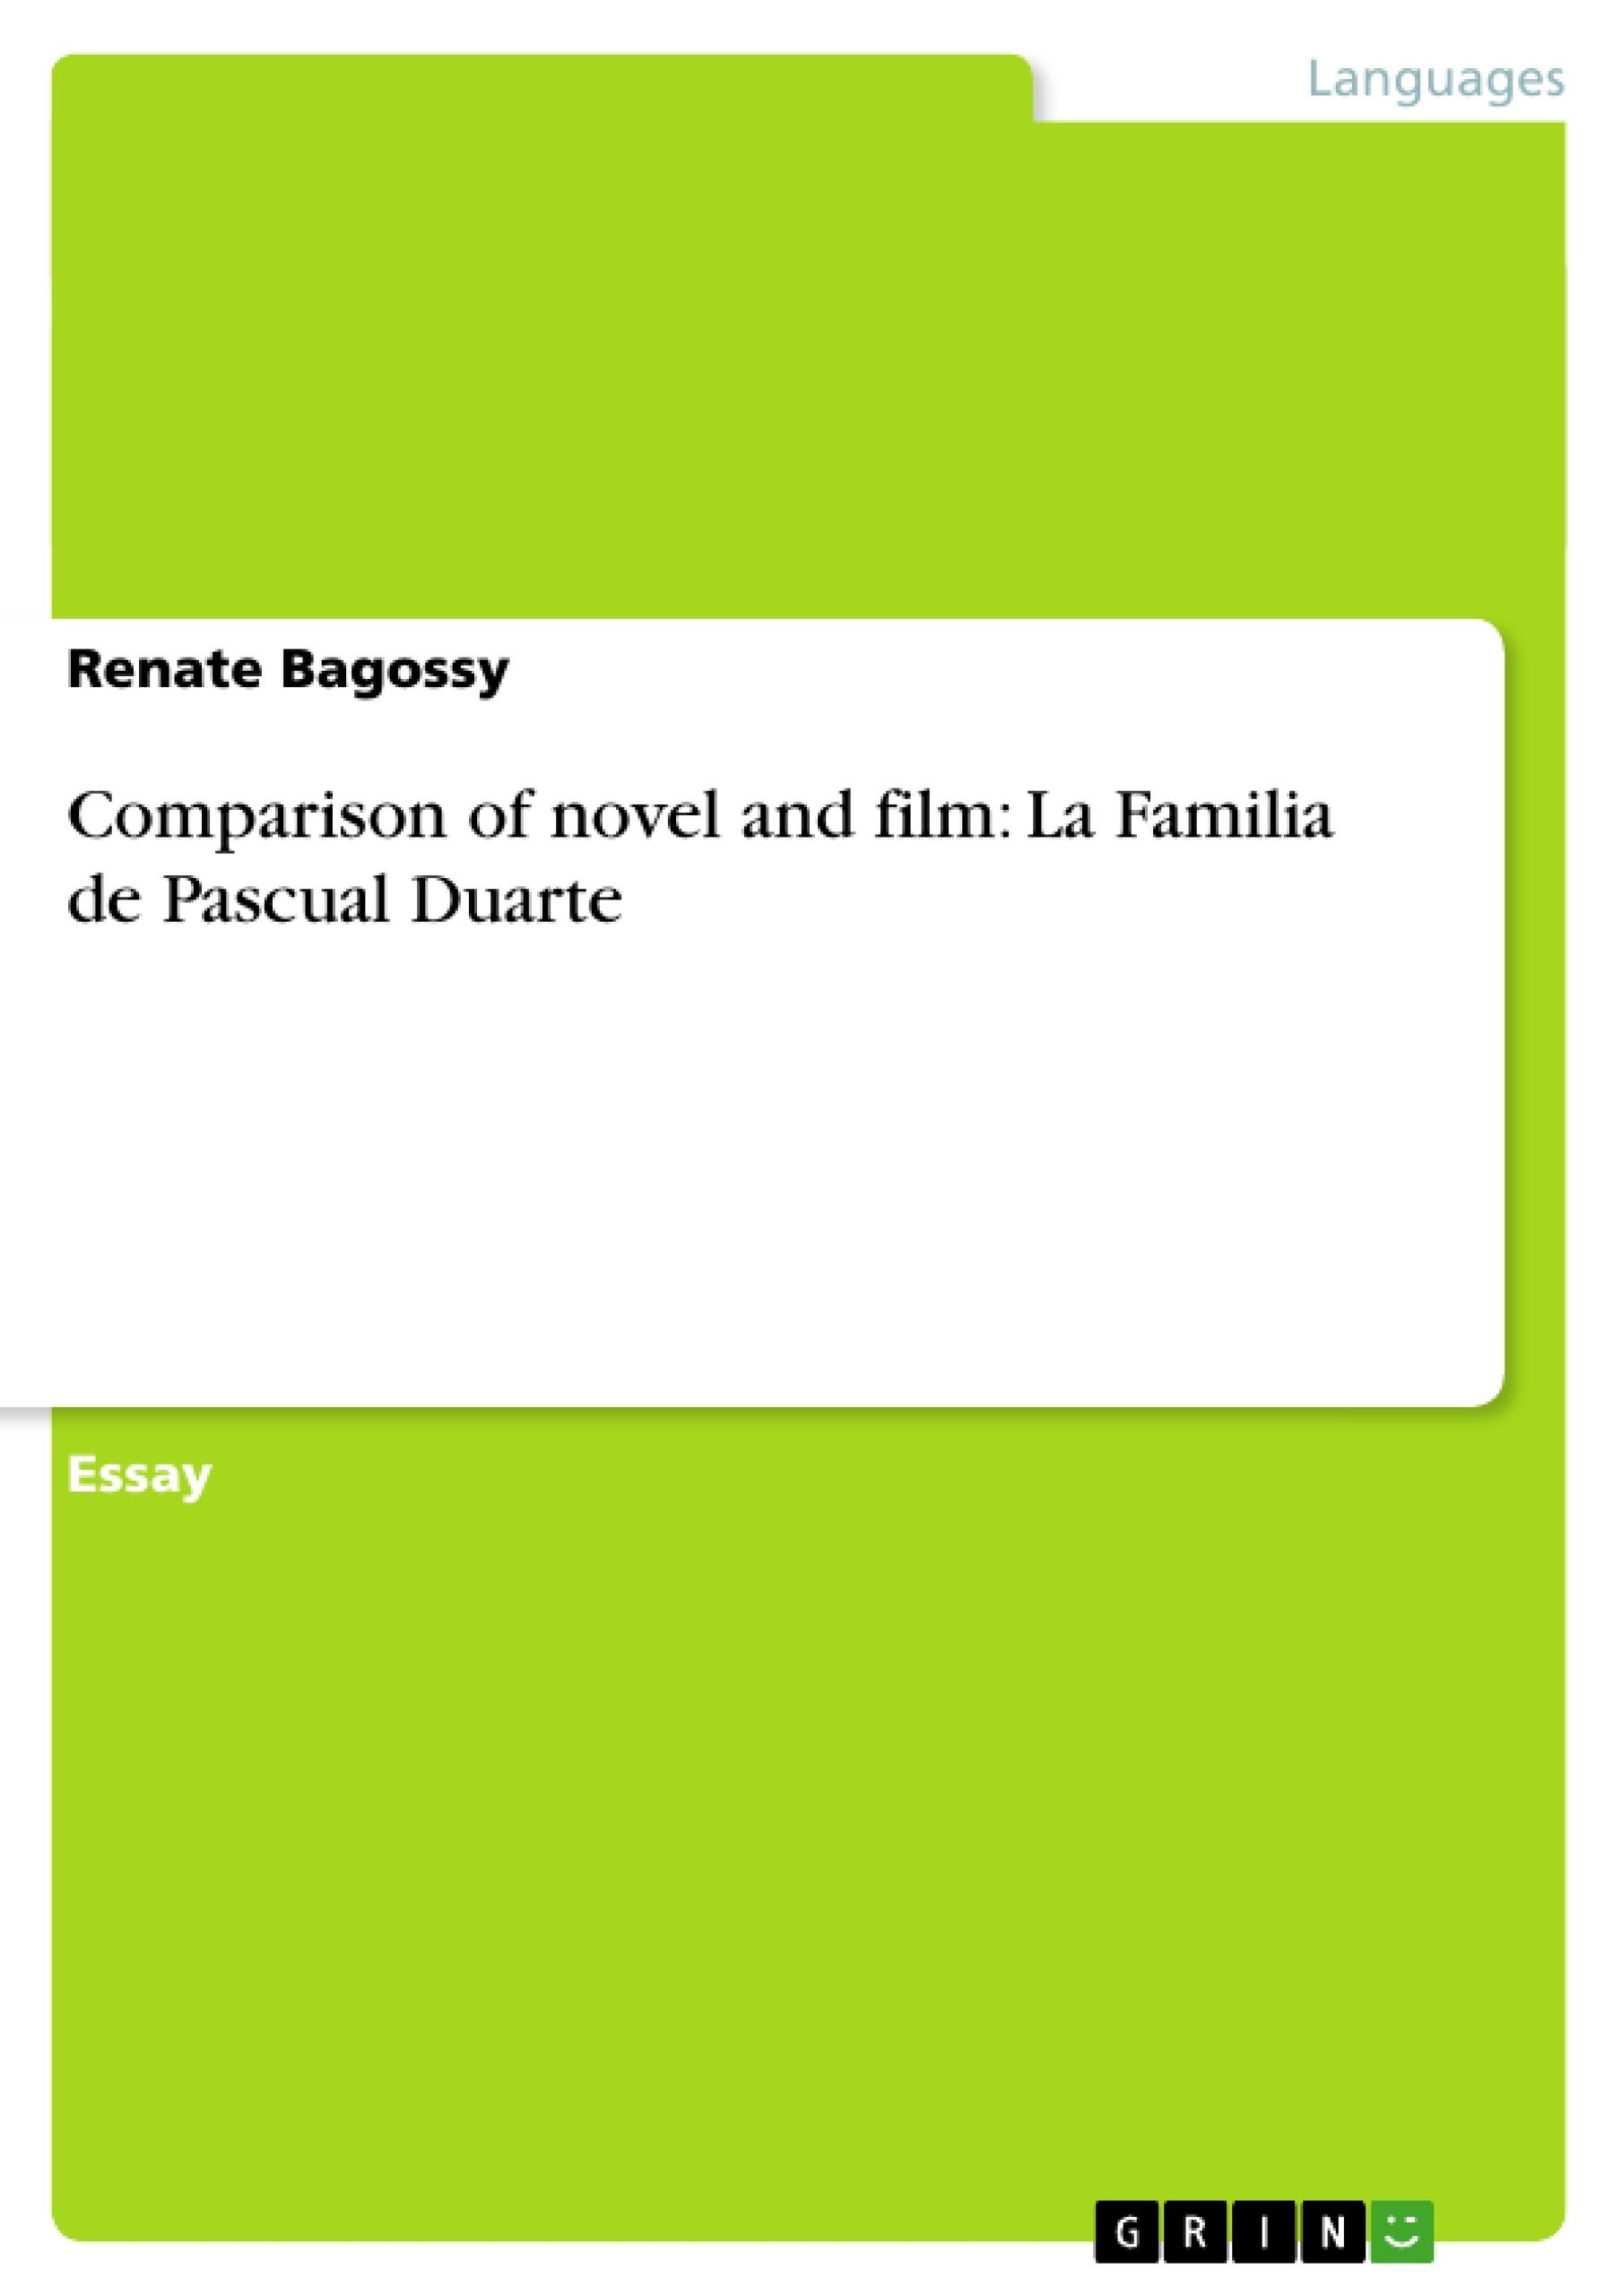 Title: Comparison of novel and film: La Familia de Pascual Duarte